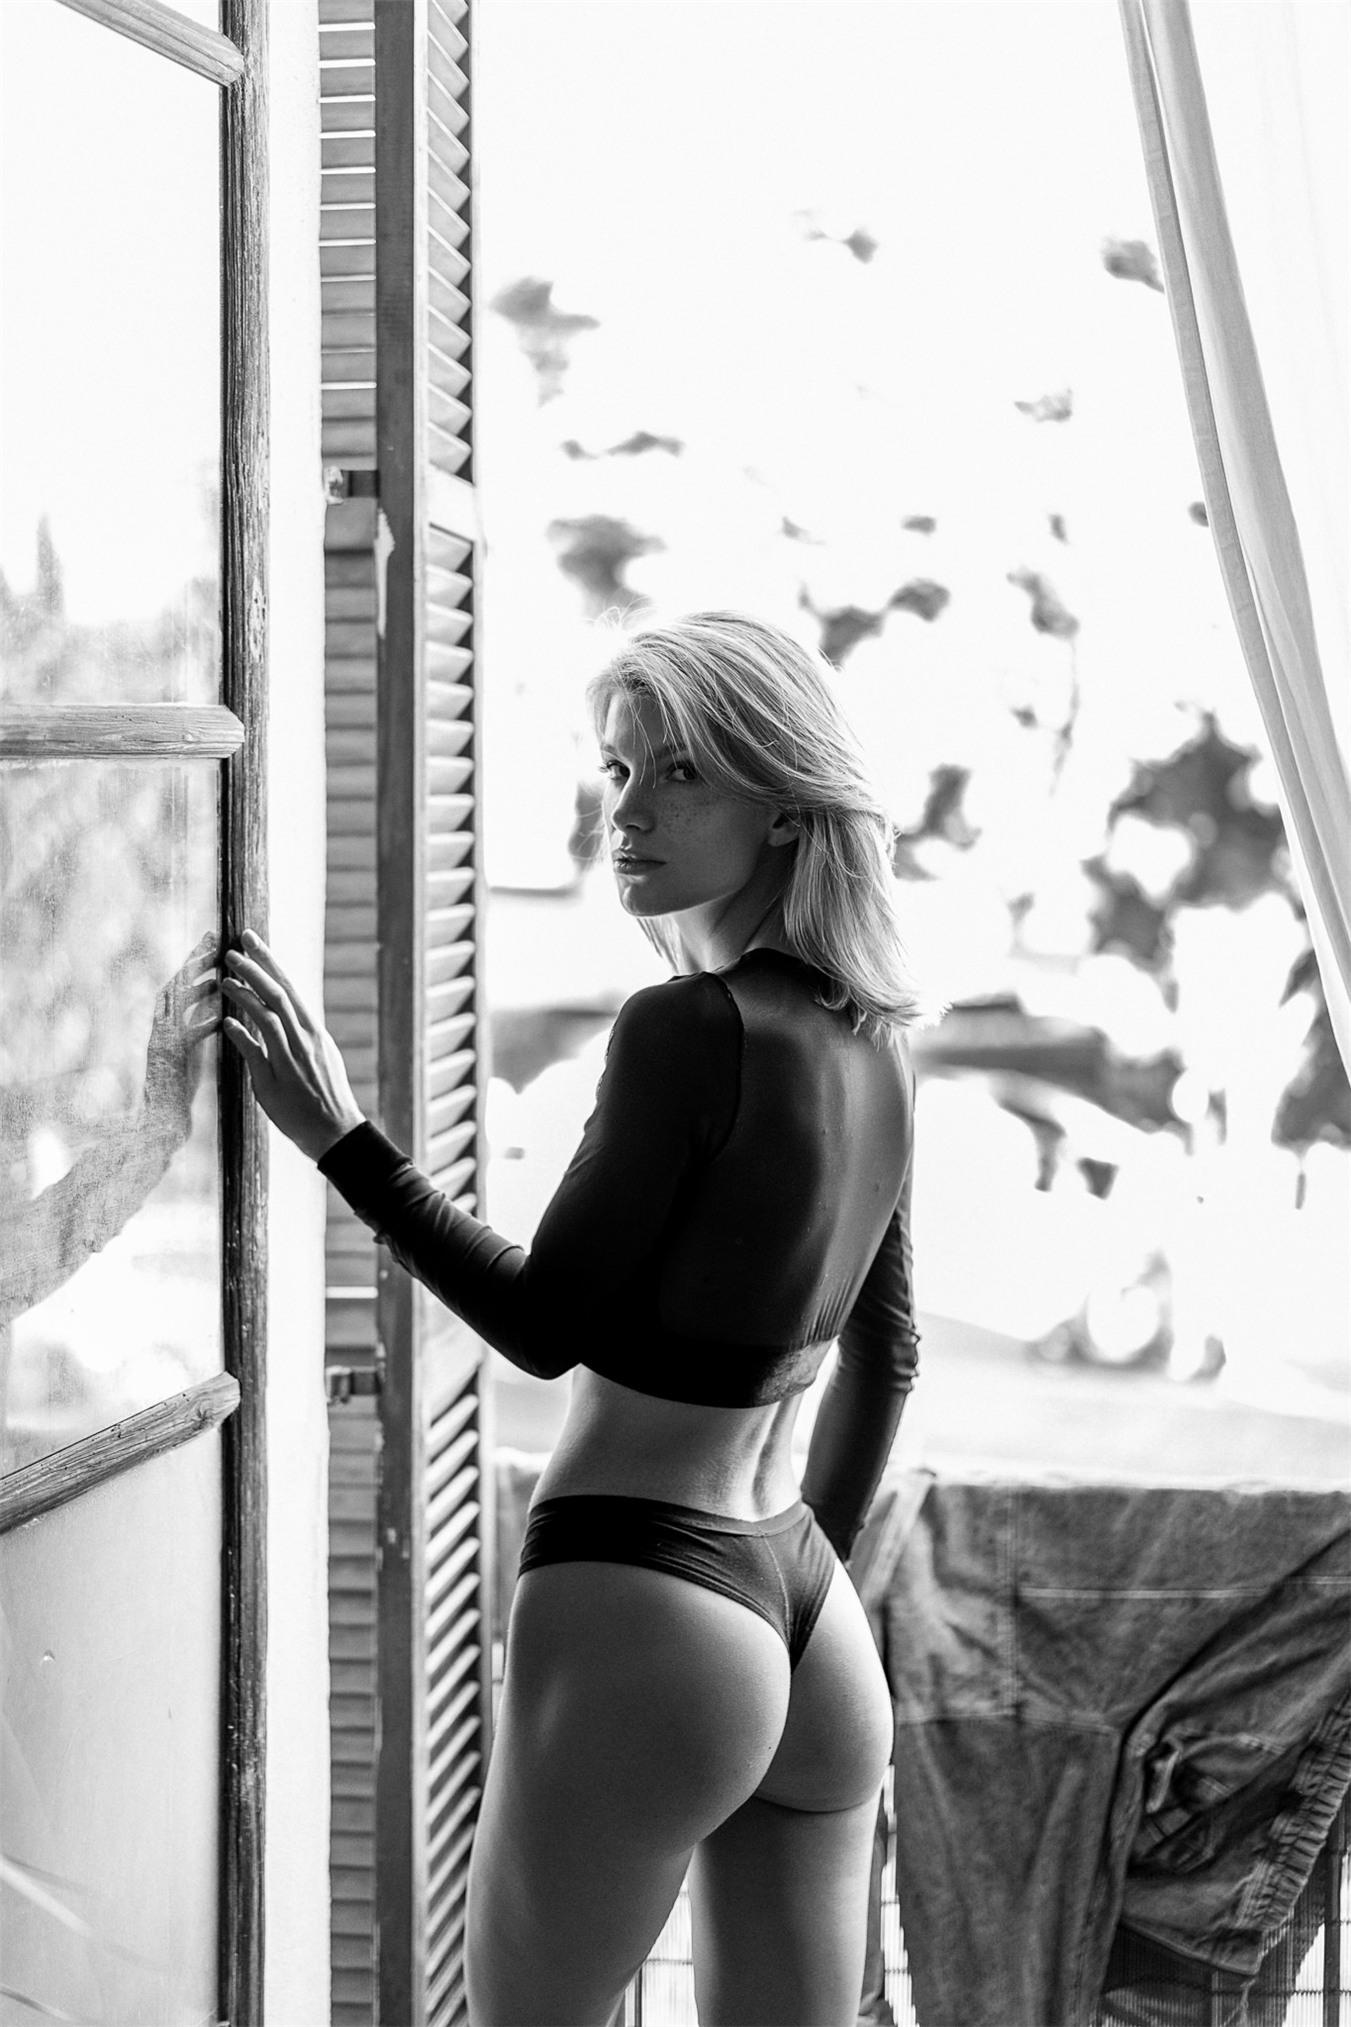 Angela Olszewska by Soravit L